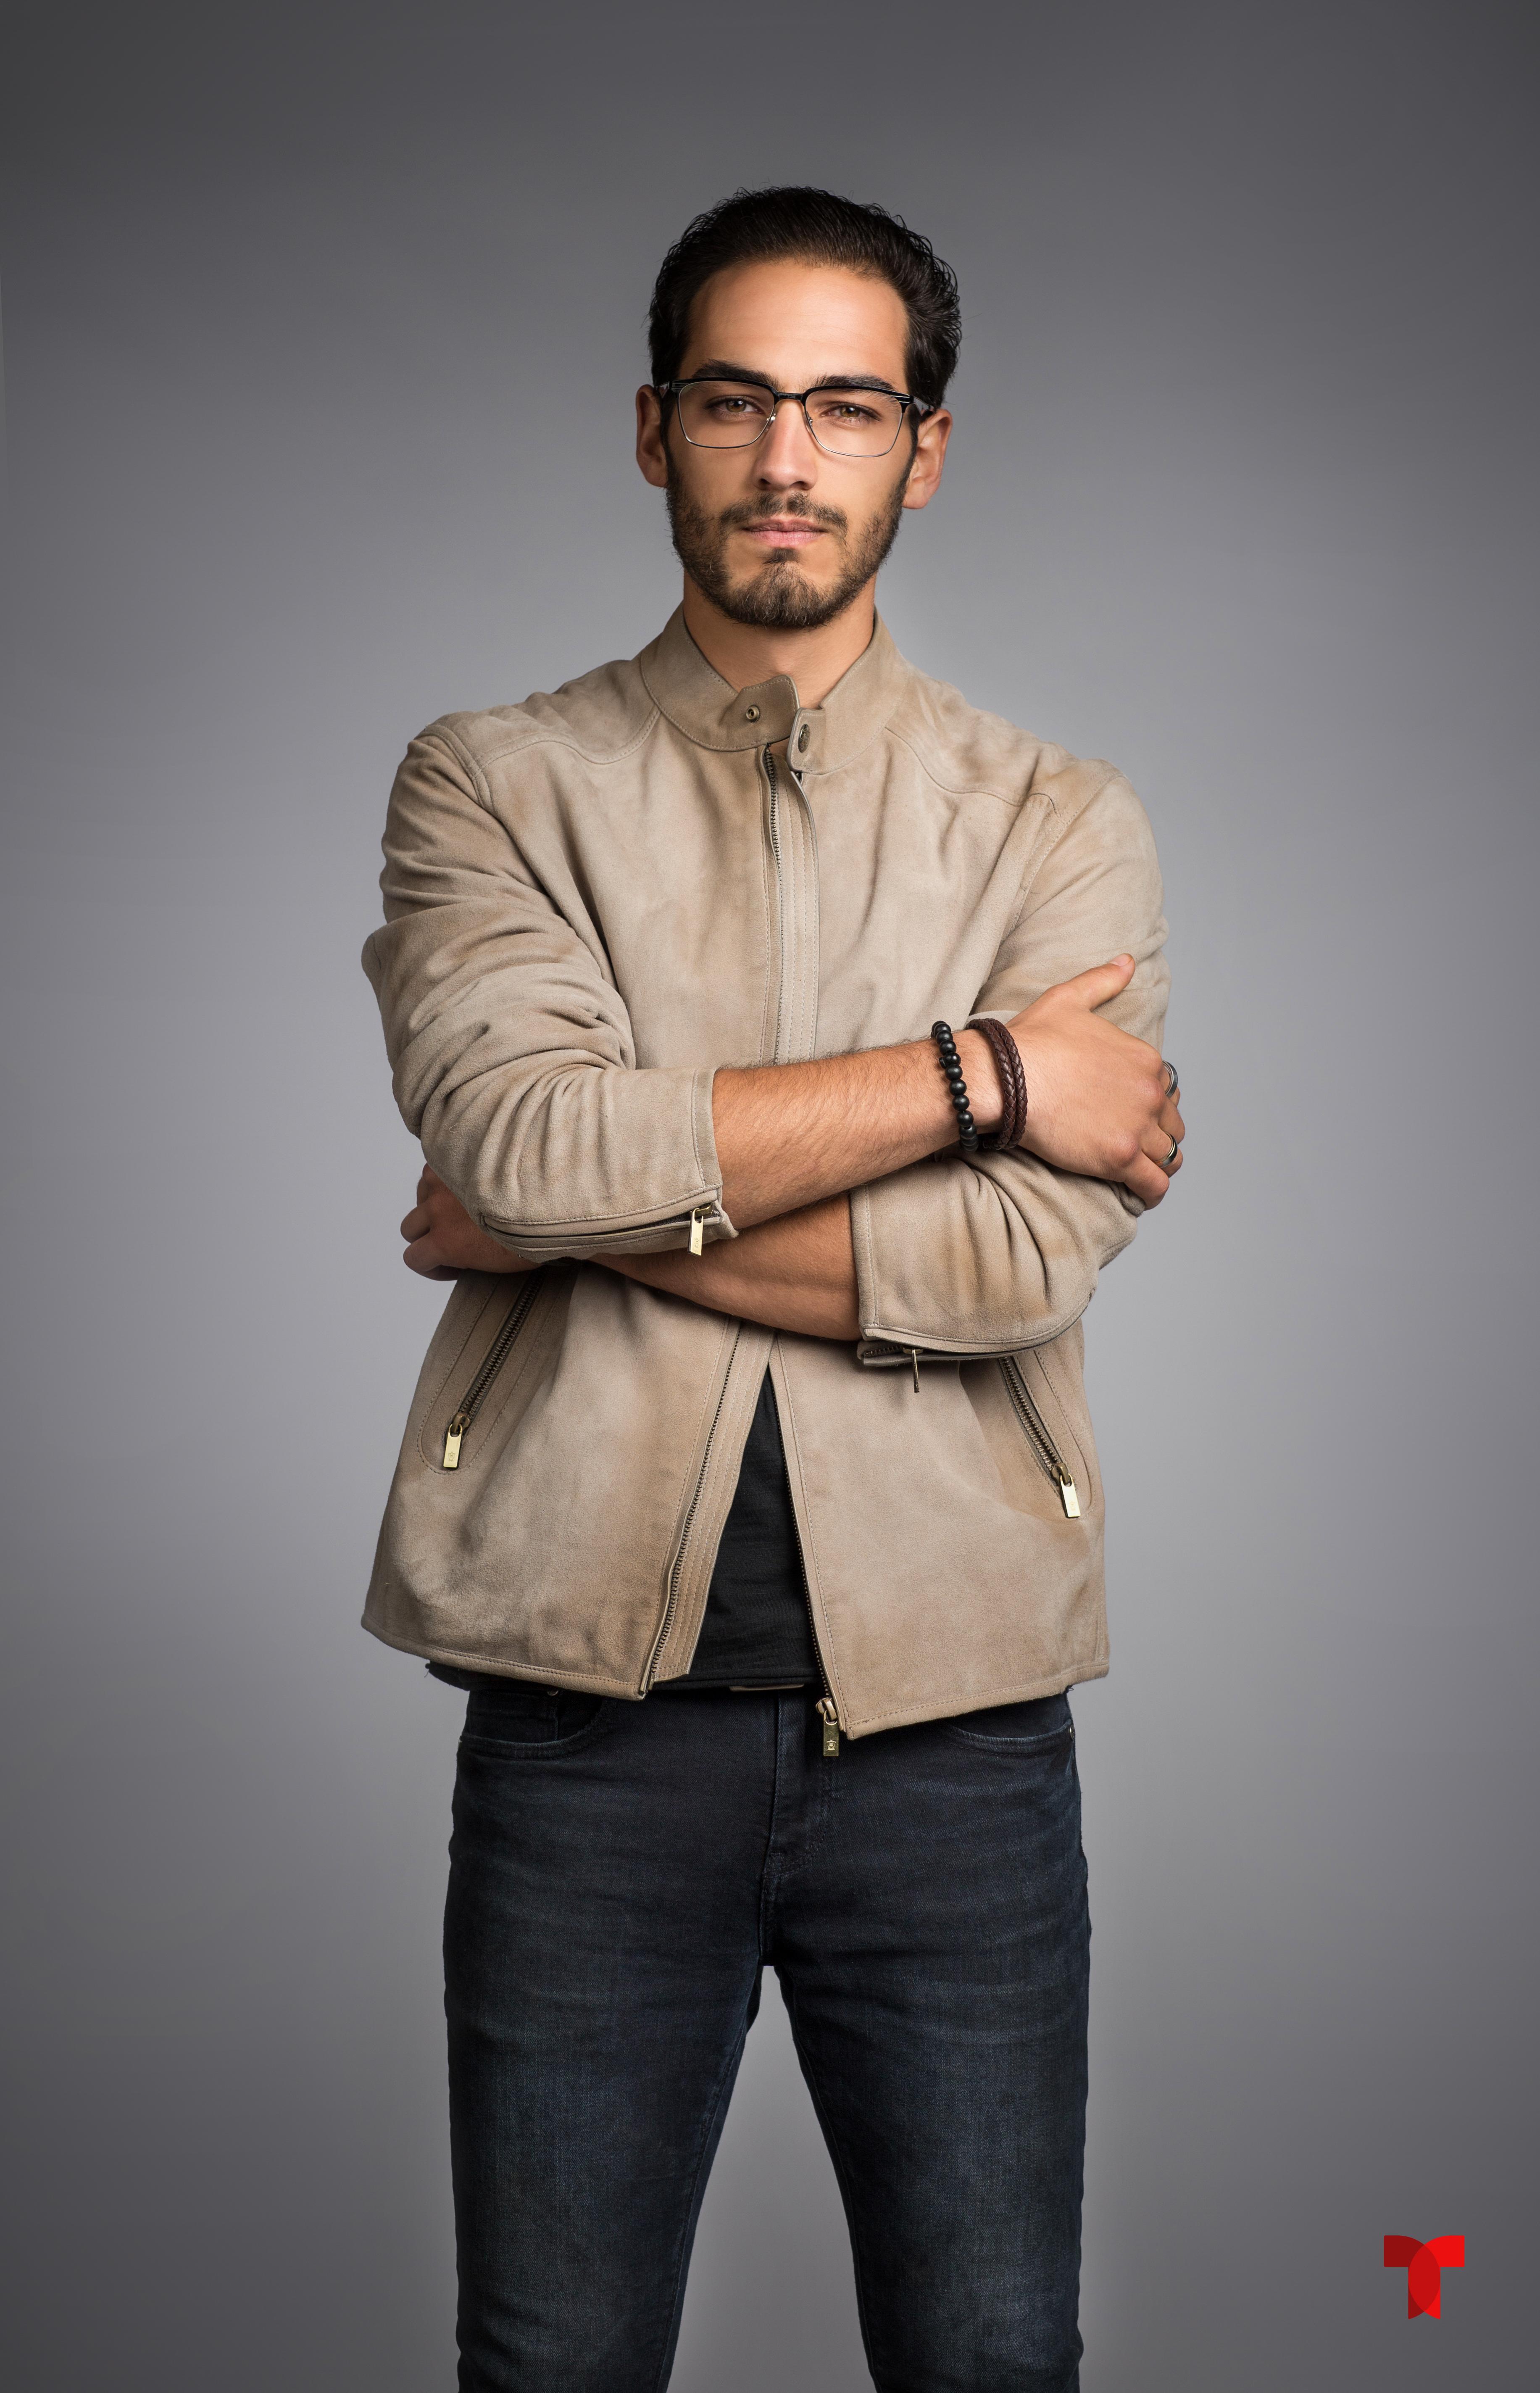 Michel Duval como Salvador Acero_001 copia